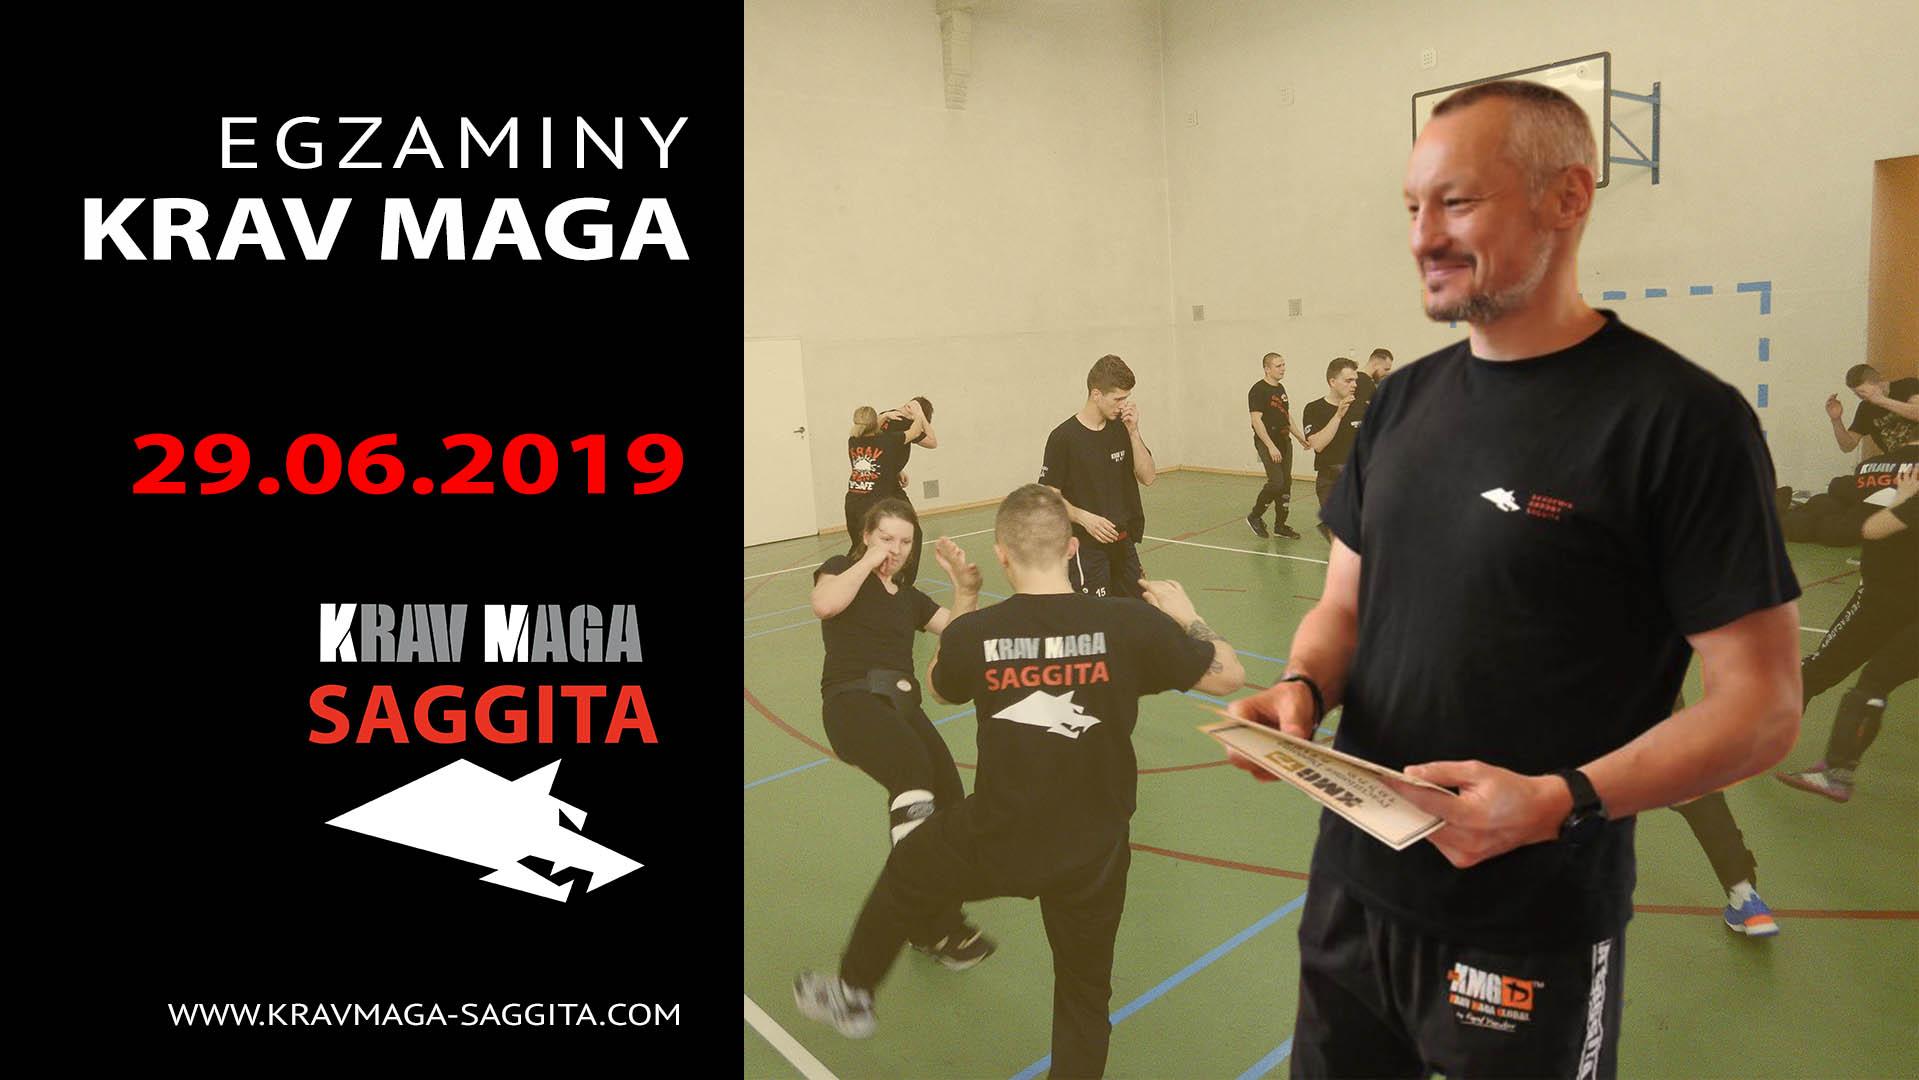 Akademia Obrony Saggita Tadeusz Dubicki EGZAMINY Krav Maga Wrocław, Wałbrzych Świdnica Lubin Legnica wydarzenie TADEK